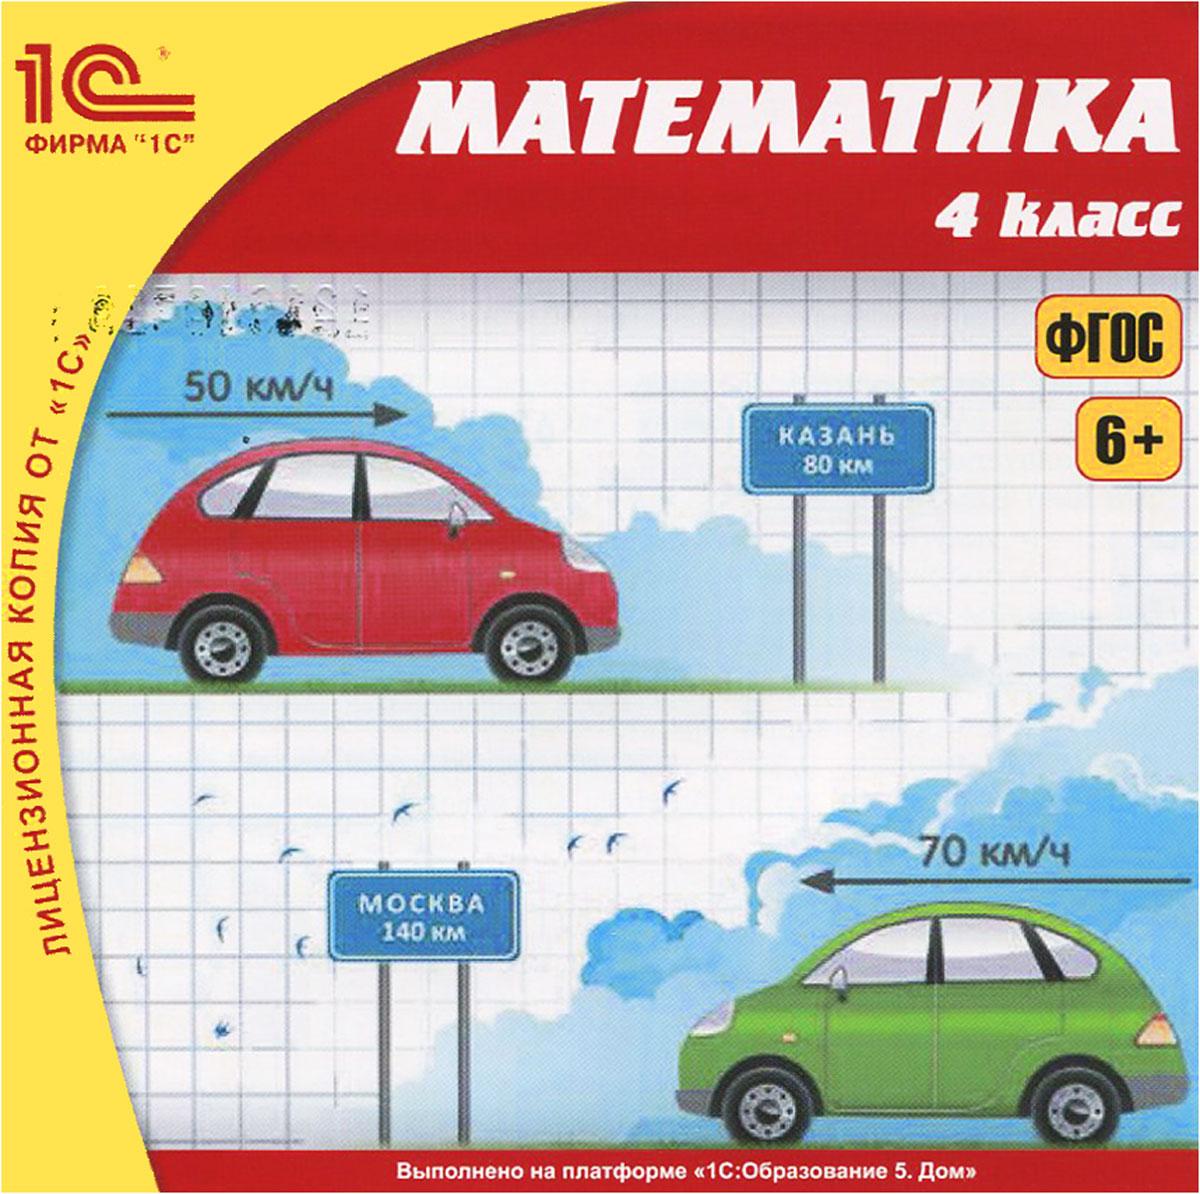 1С:Школа. Математика. 4 класс (ФГОС)